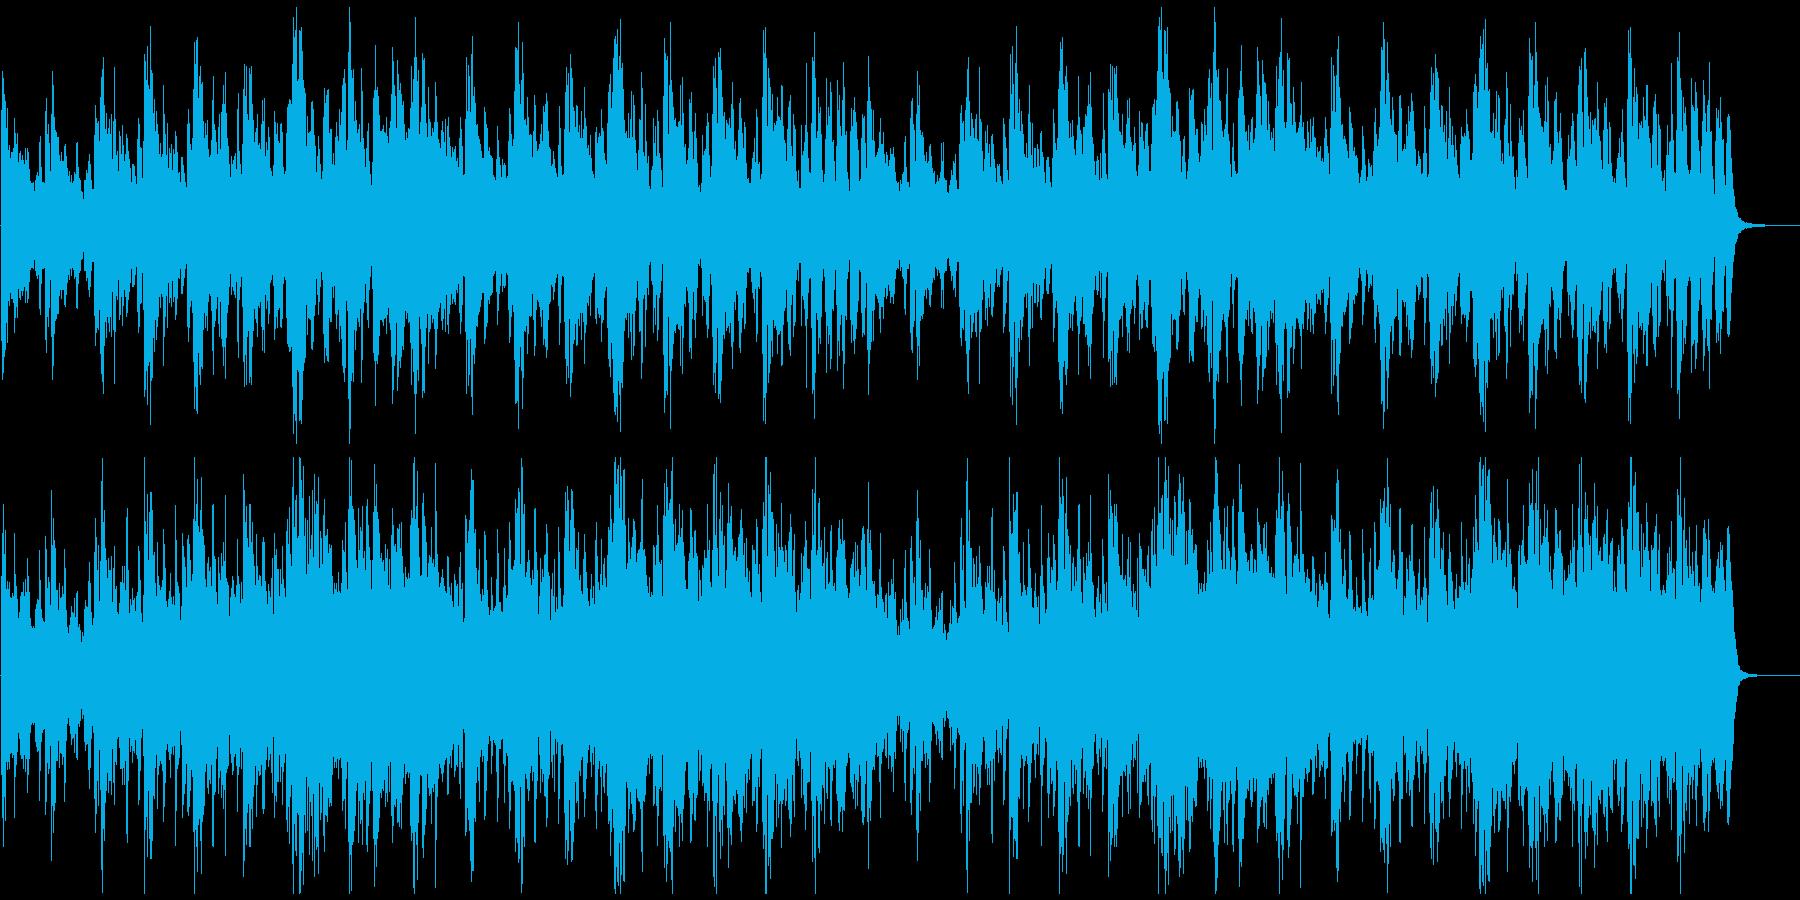 【映画、CM】緊張の一手 オーケストラ曲の再生済みの波形